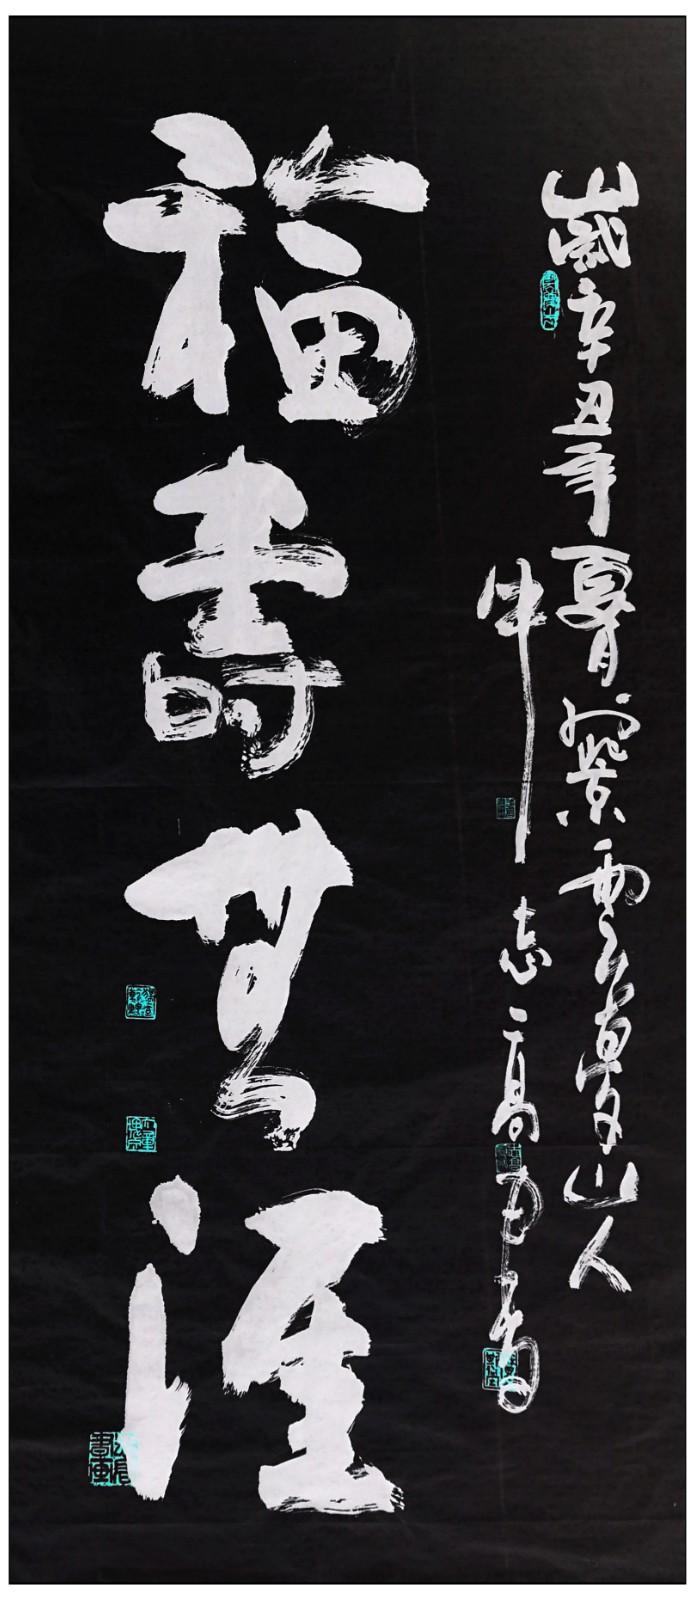 牛志高书法2021.06.25_图1-5